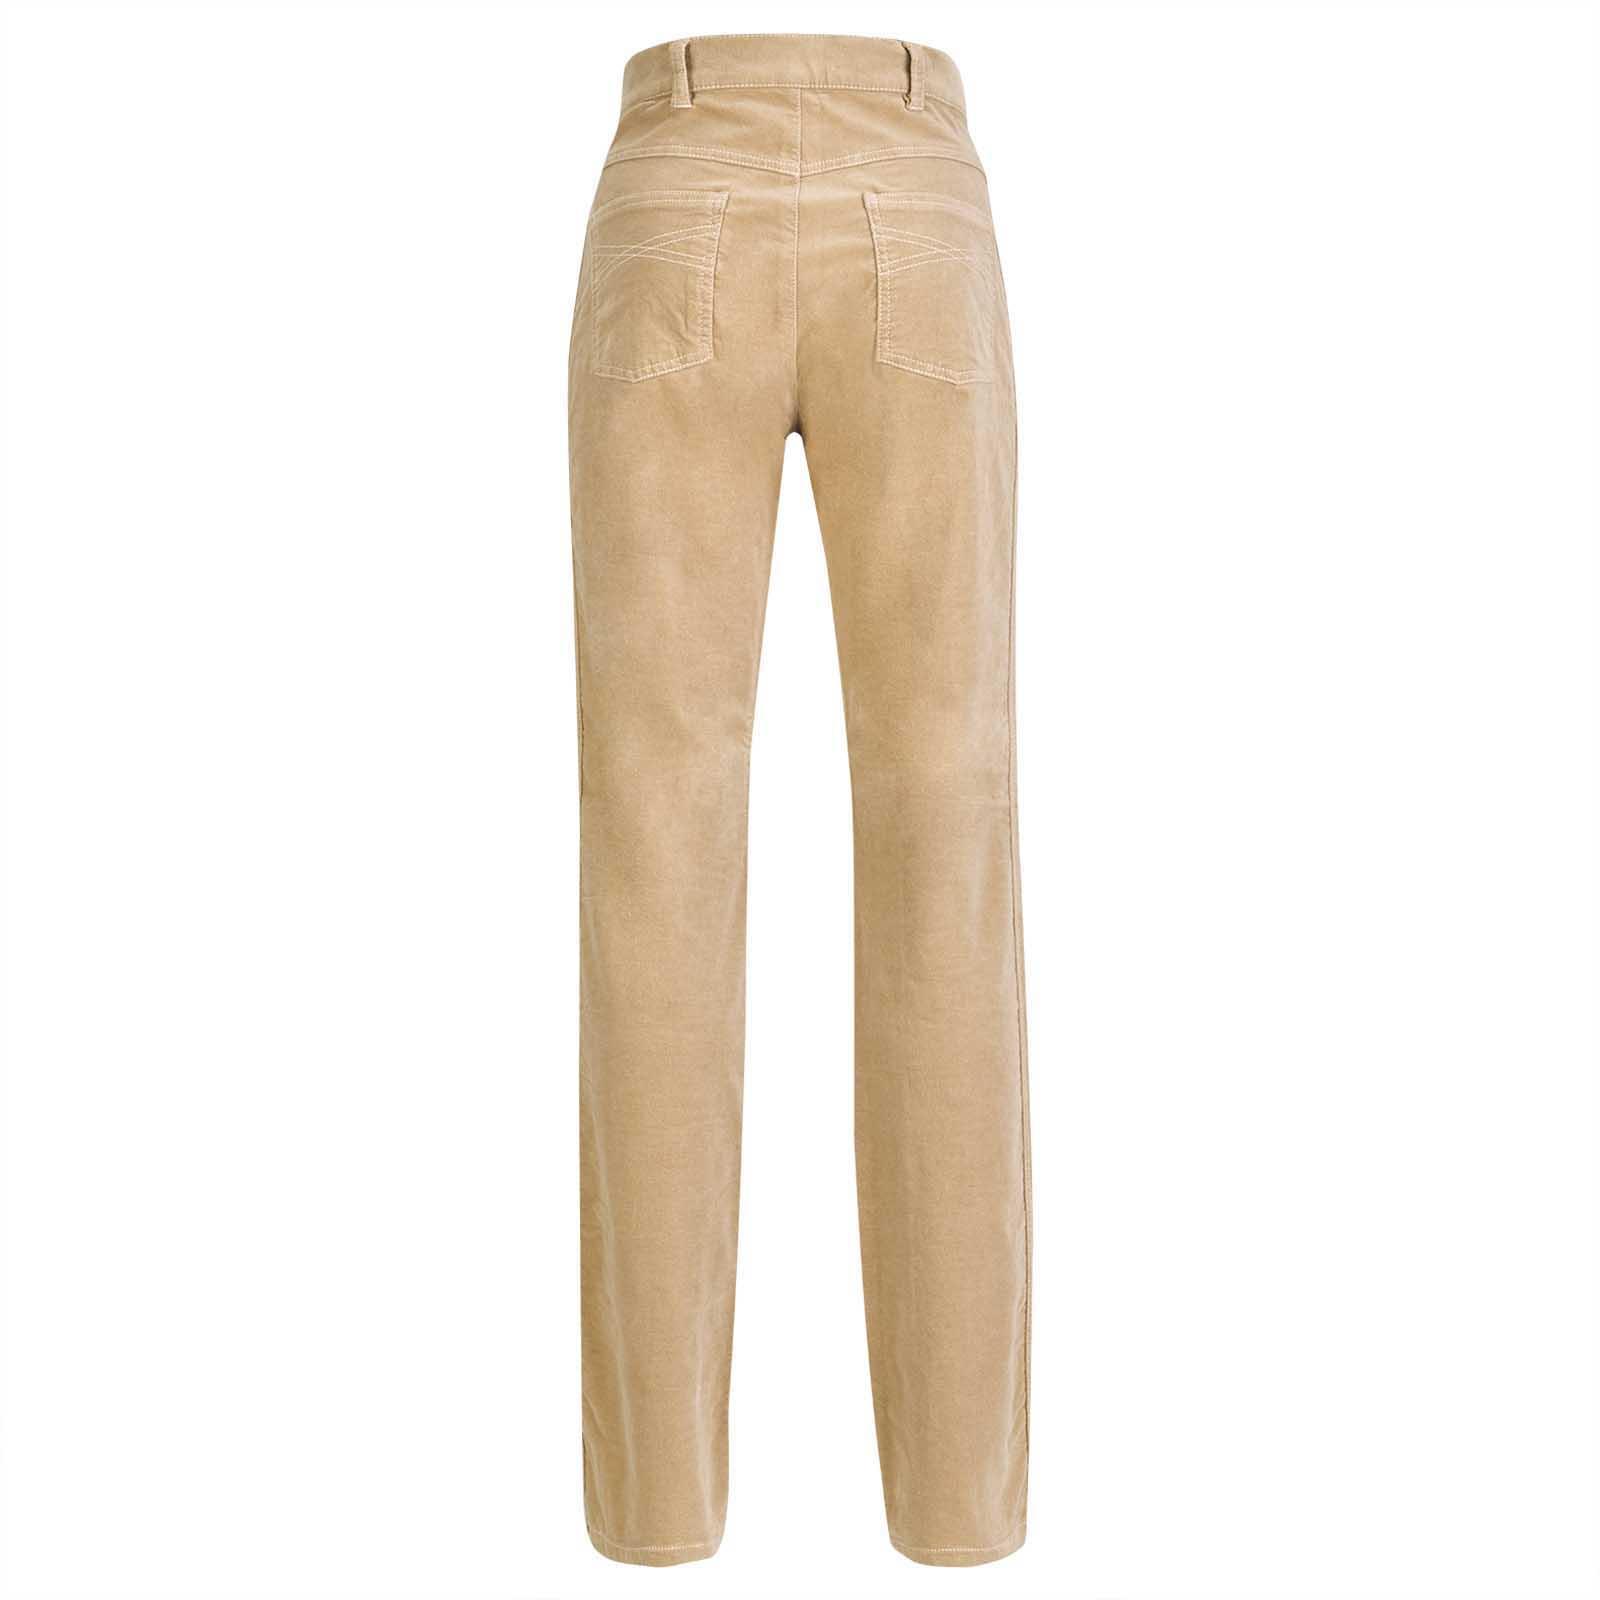 Gerade geschnittene 5-Pocket-Hose für Damen aus Stretch-Samt